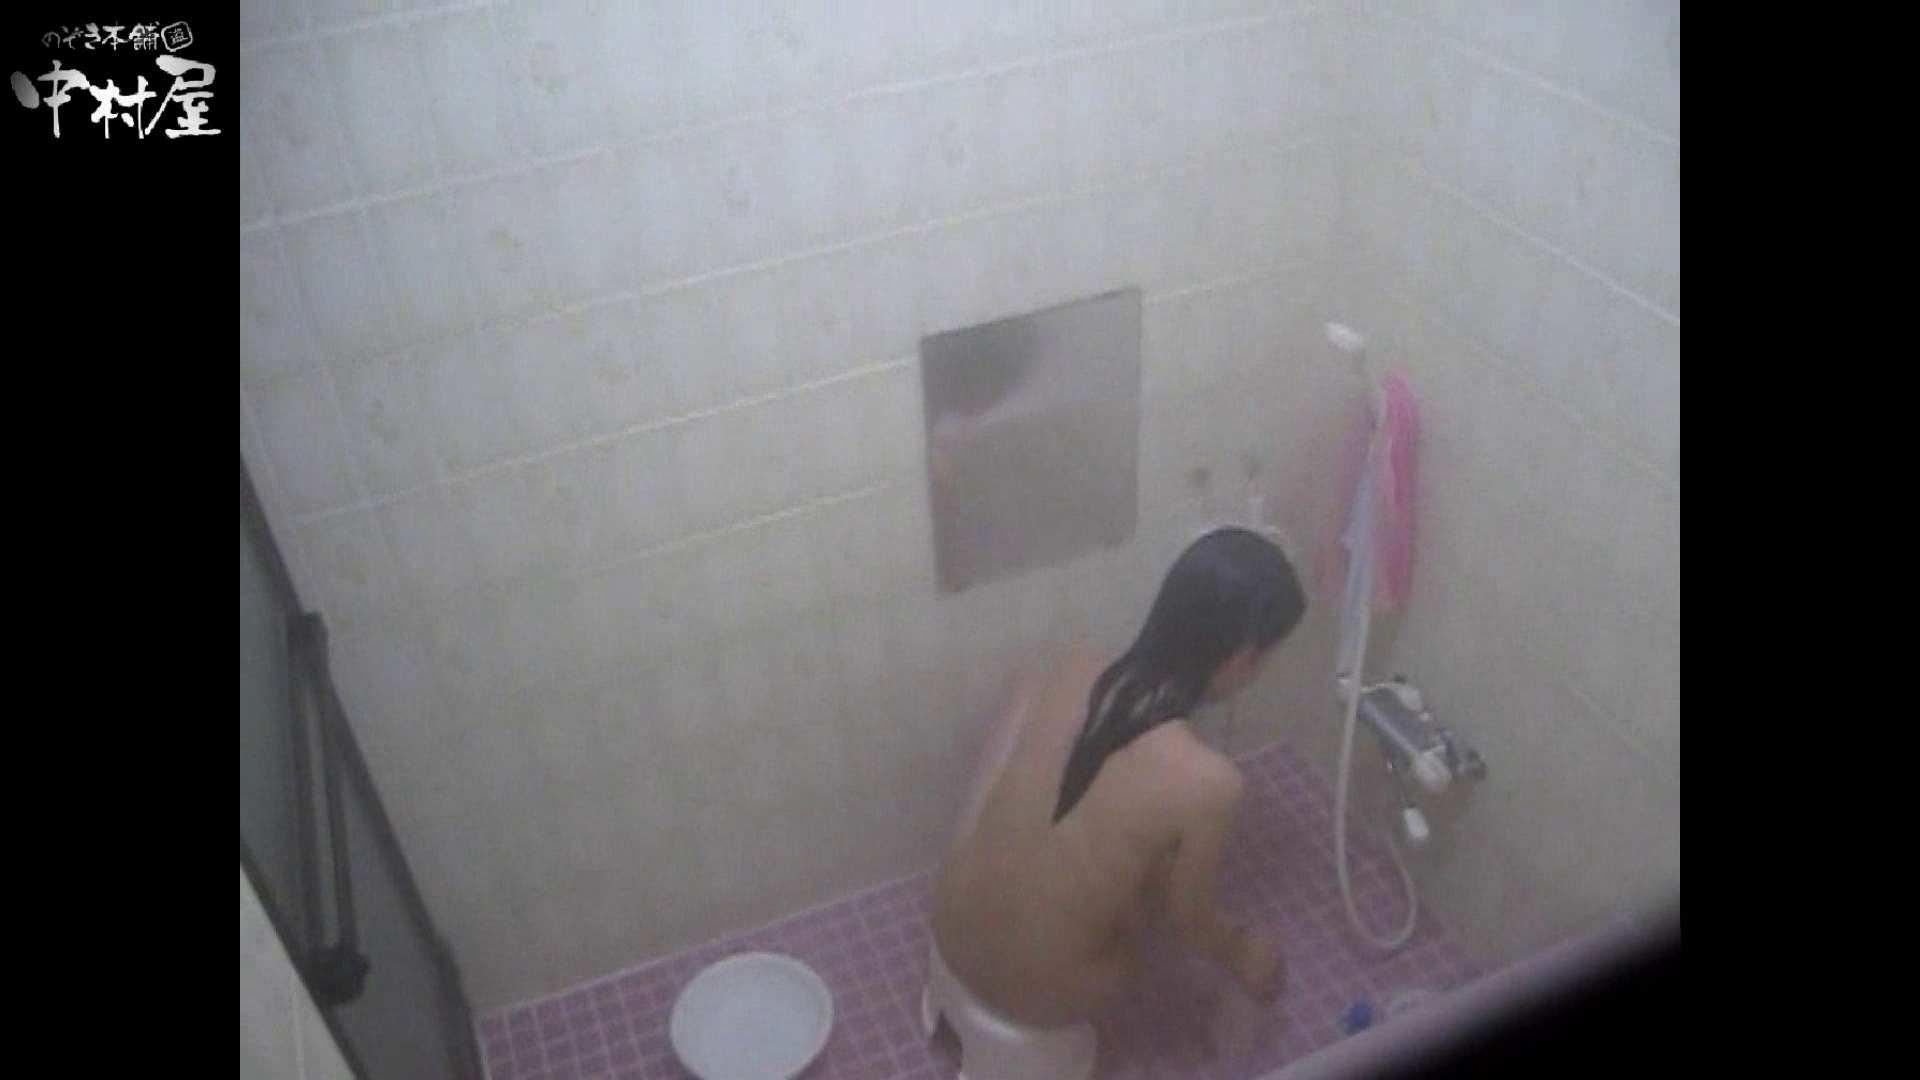 民家風呂専門盗撮師の超危険映像 vol.010 OLのエロ生活 ヌード画像 90連発 56